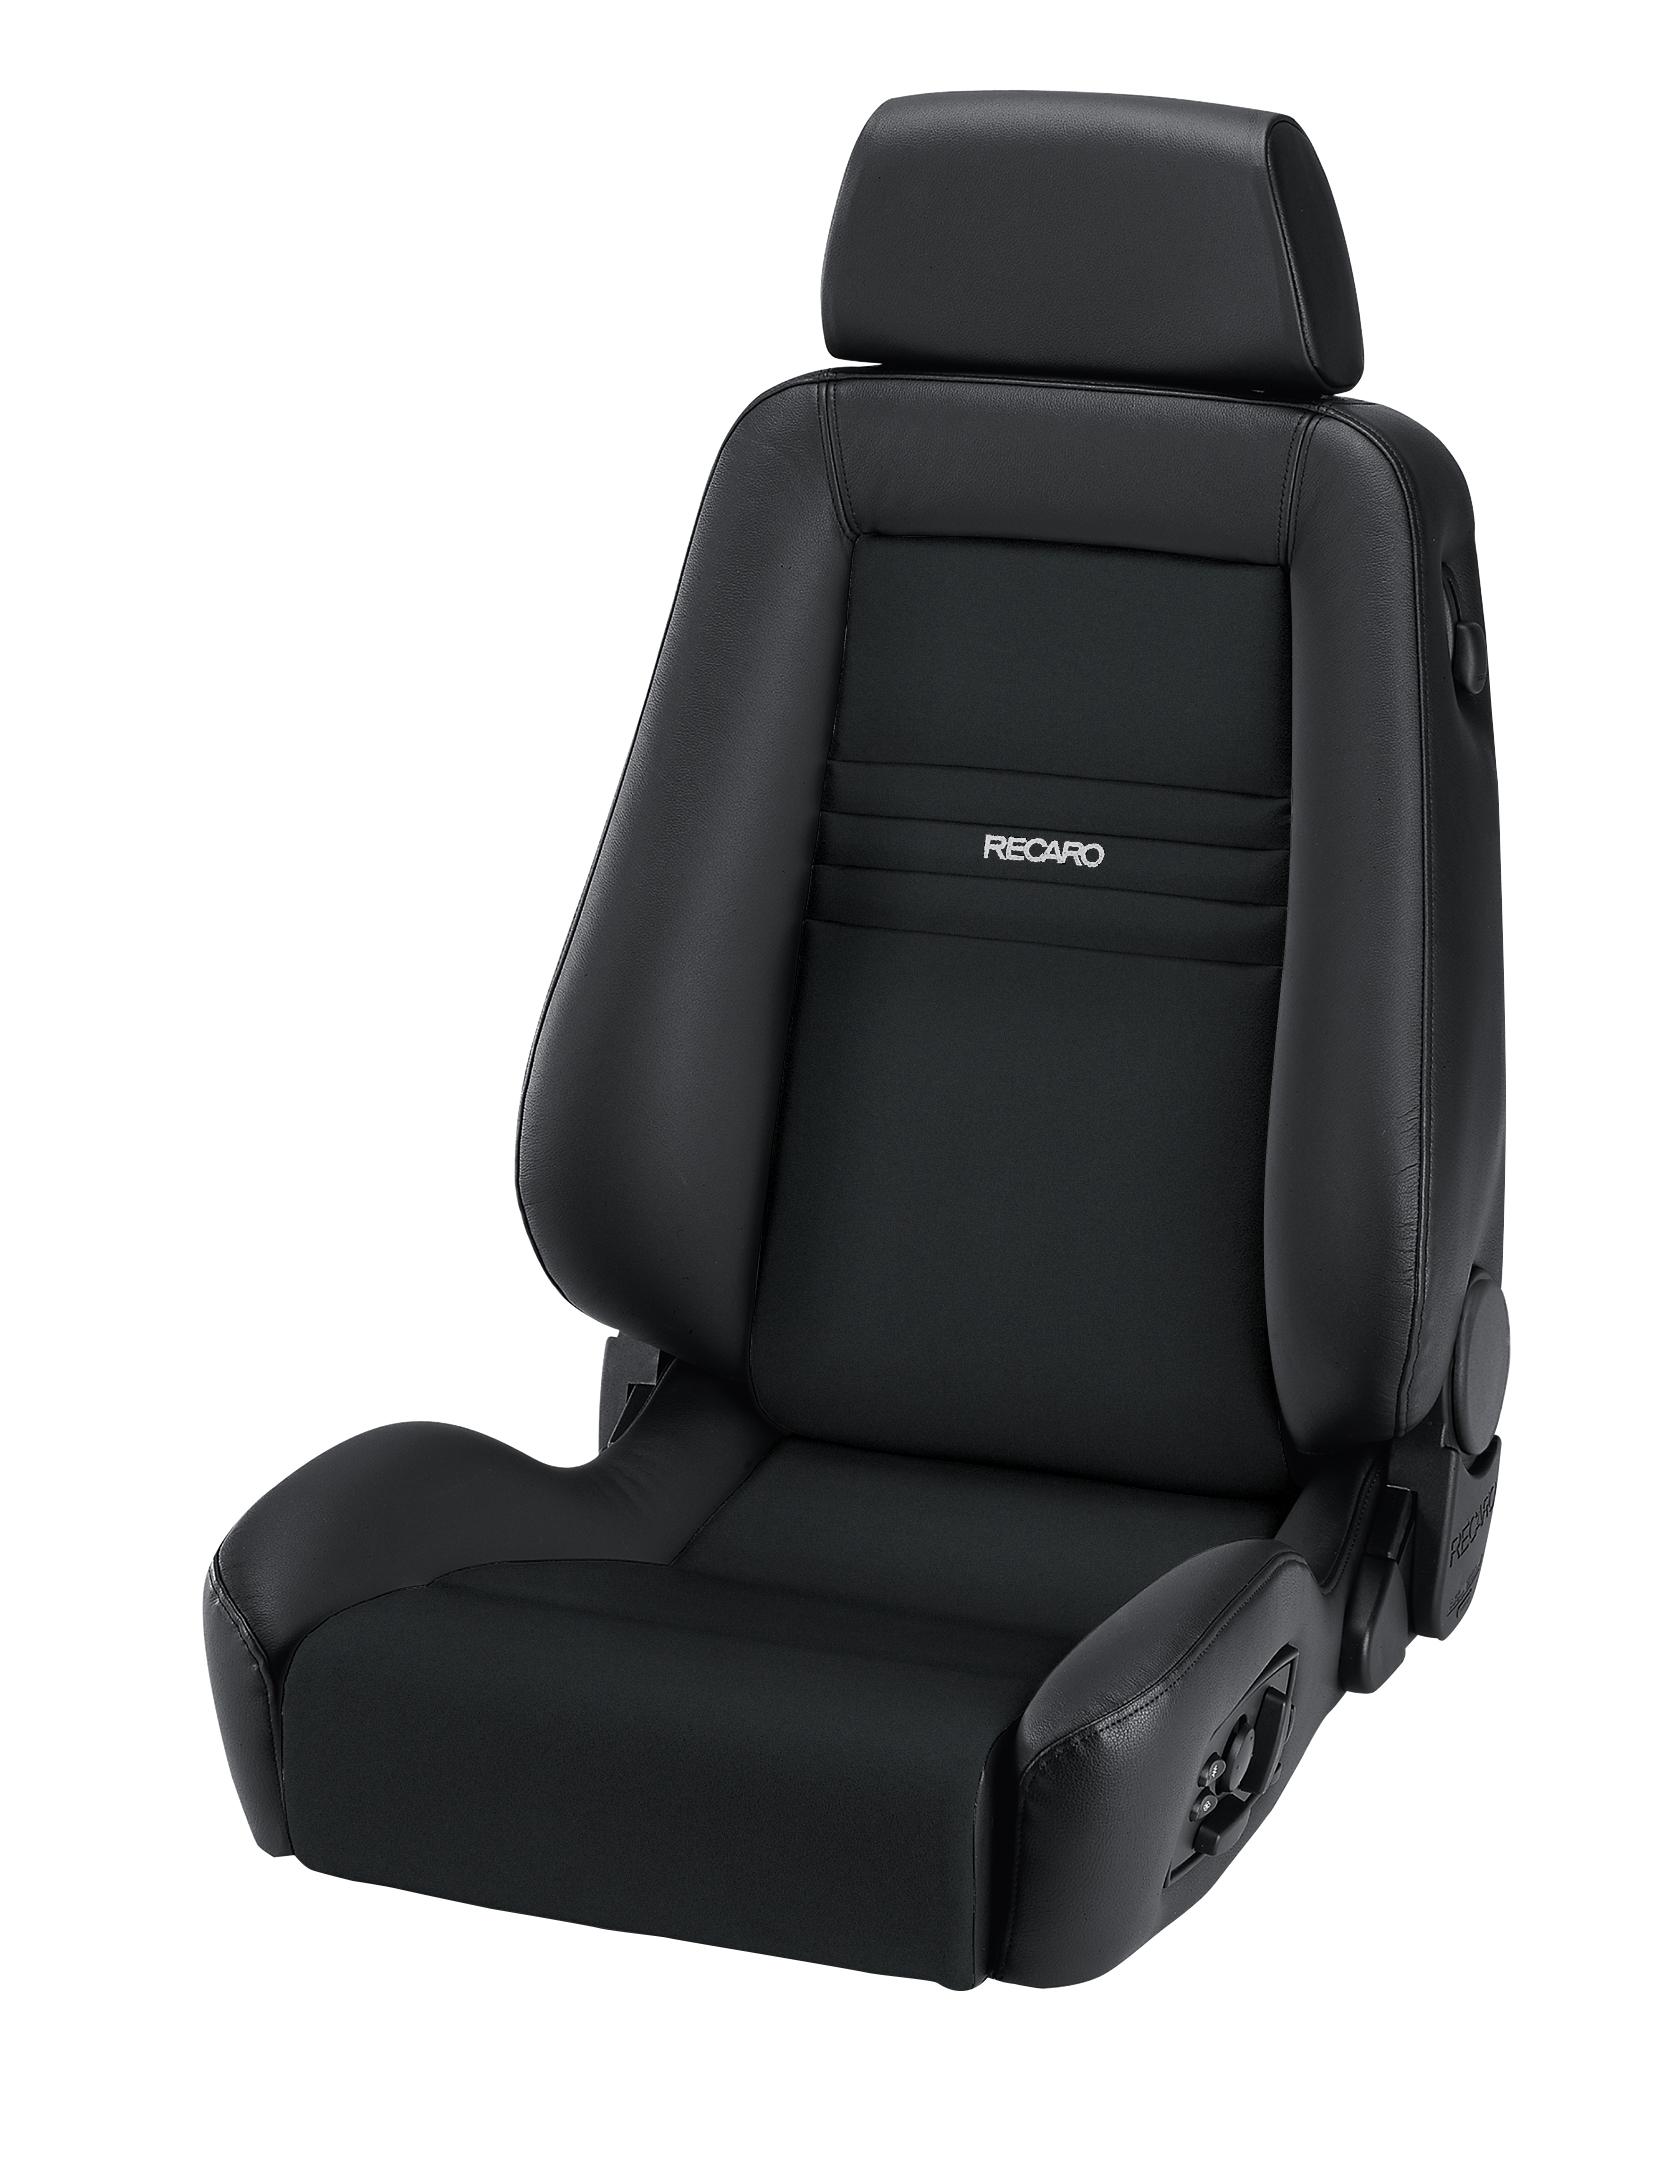 orthop dische autositze von recaro bas sitze. Black Bedroom Furniture Sets. Home Design Ideas